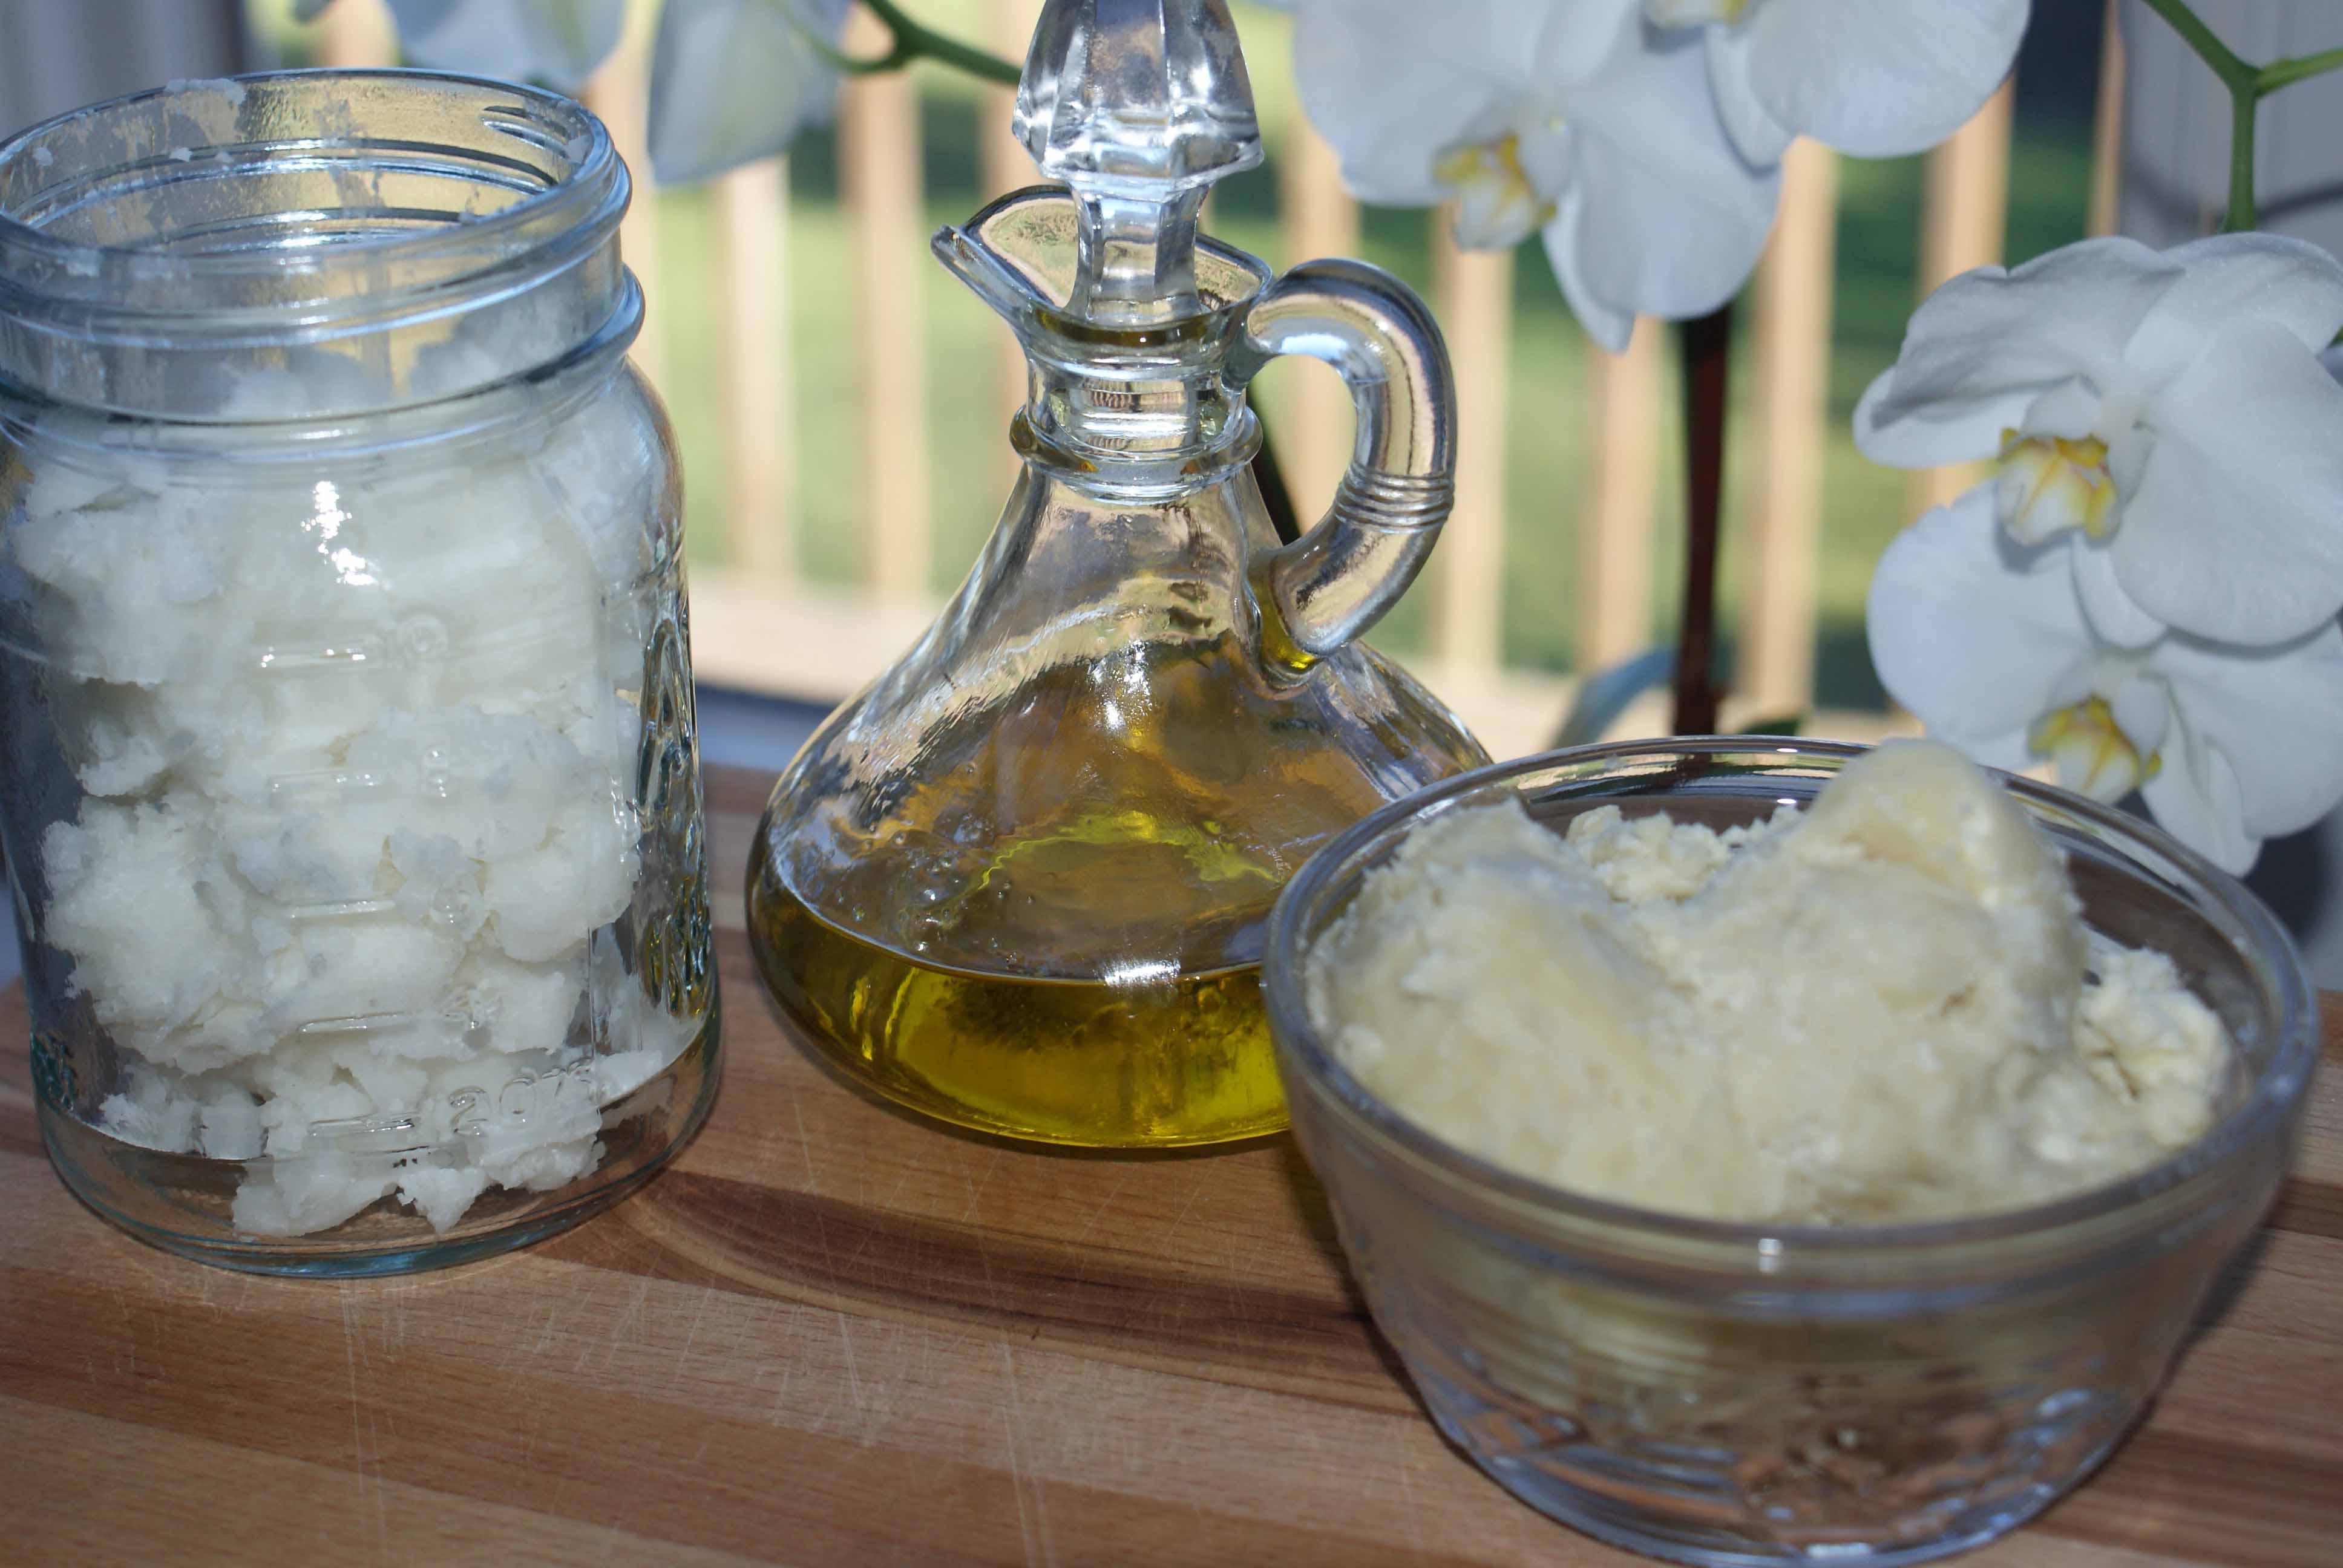 how to make homemade shaving cream easy